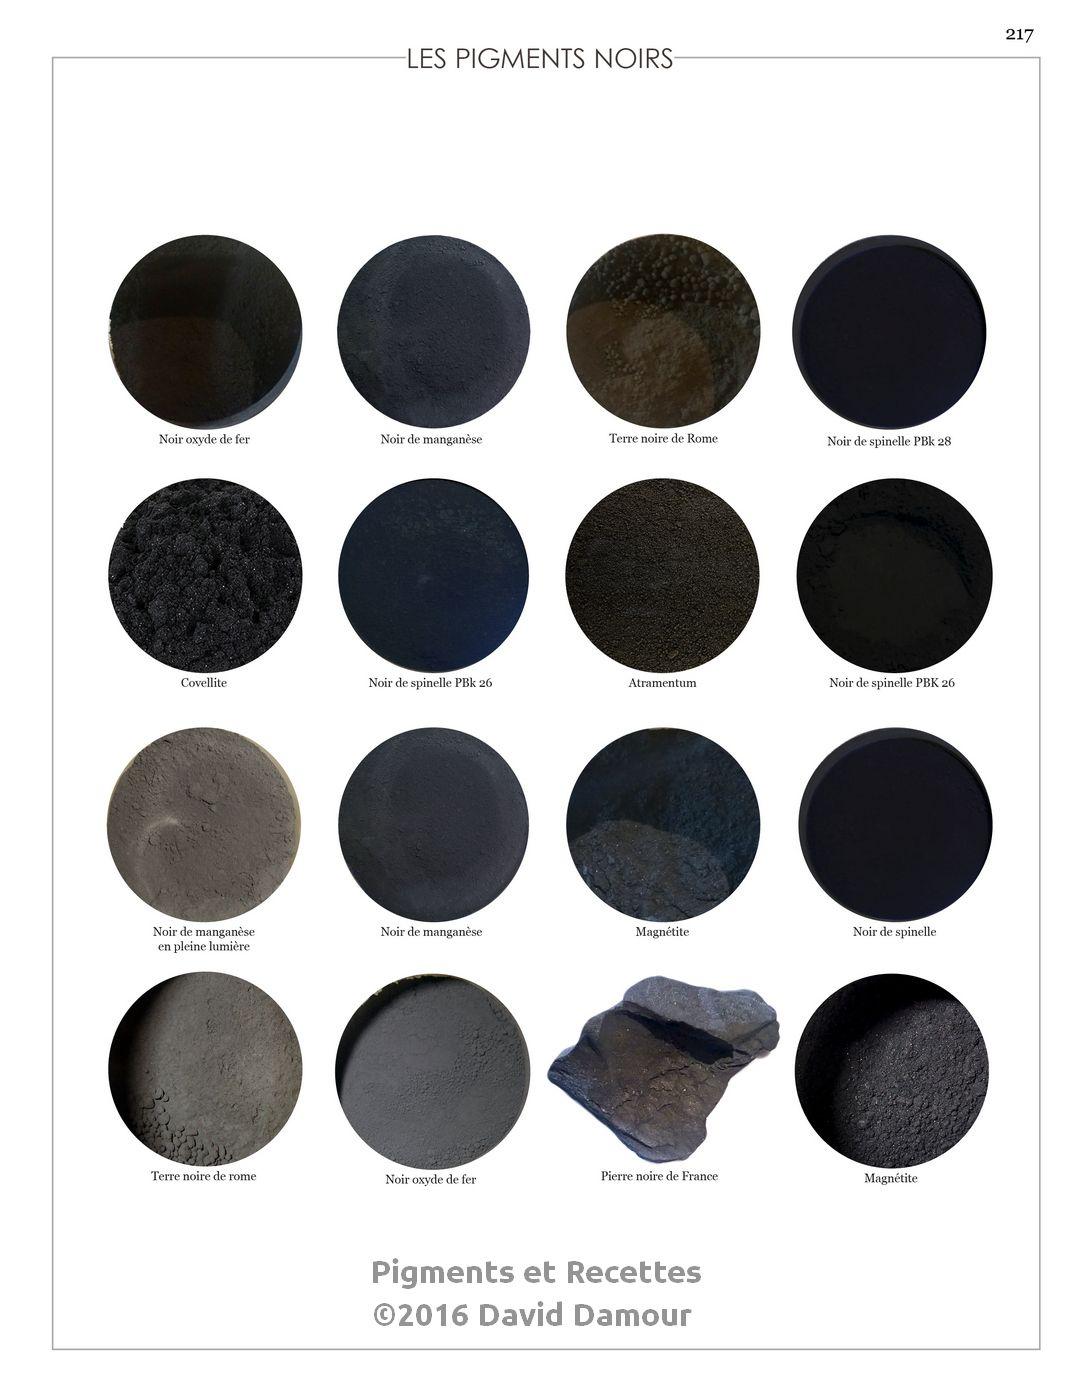 Les pigments Noirs du livre Pigments et Recettes Les secrets du métier de l'artiste peintre du XXIe disponible sur https://pigmentsrecettes.com